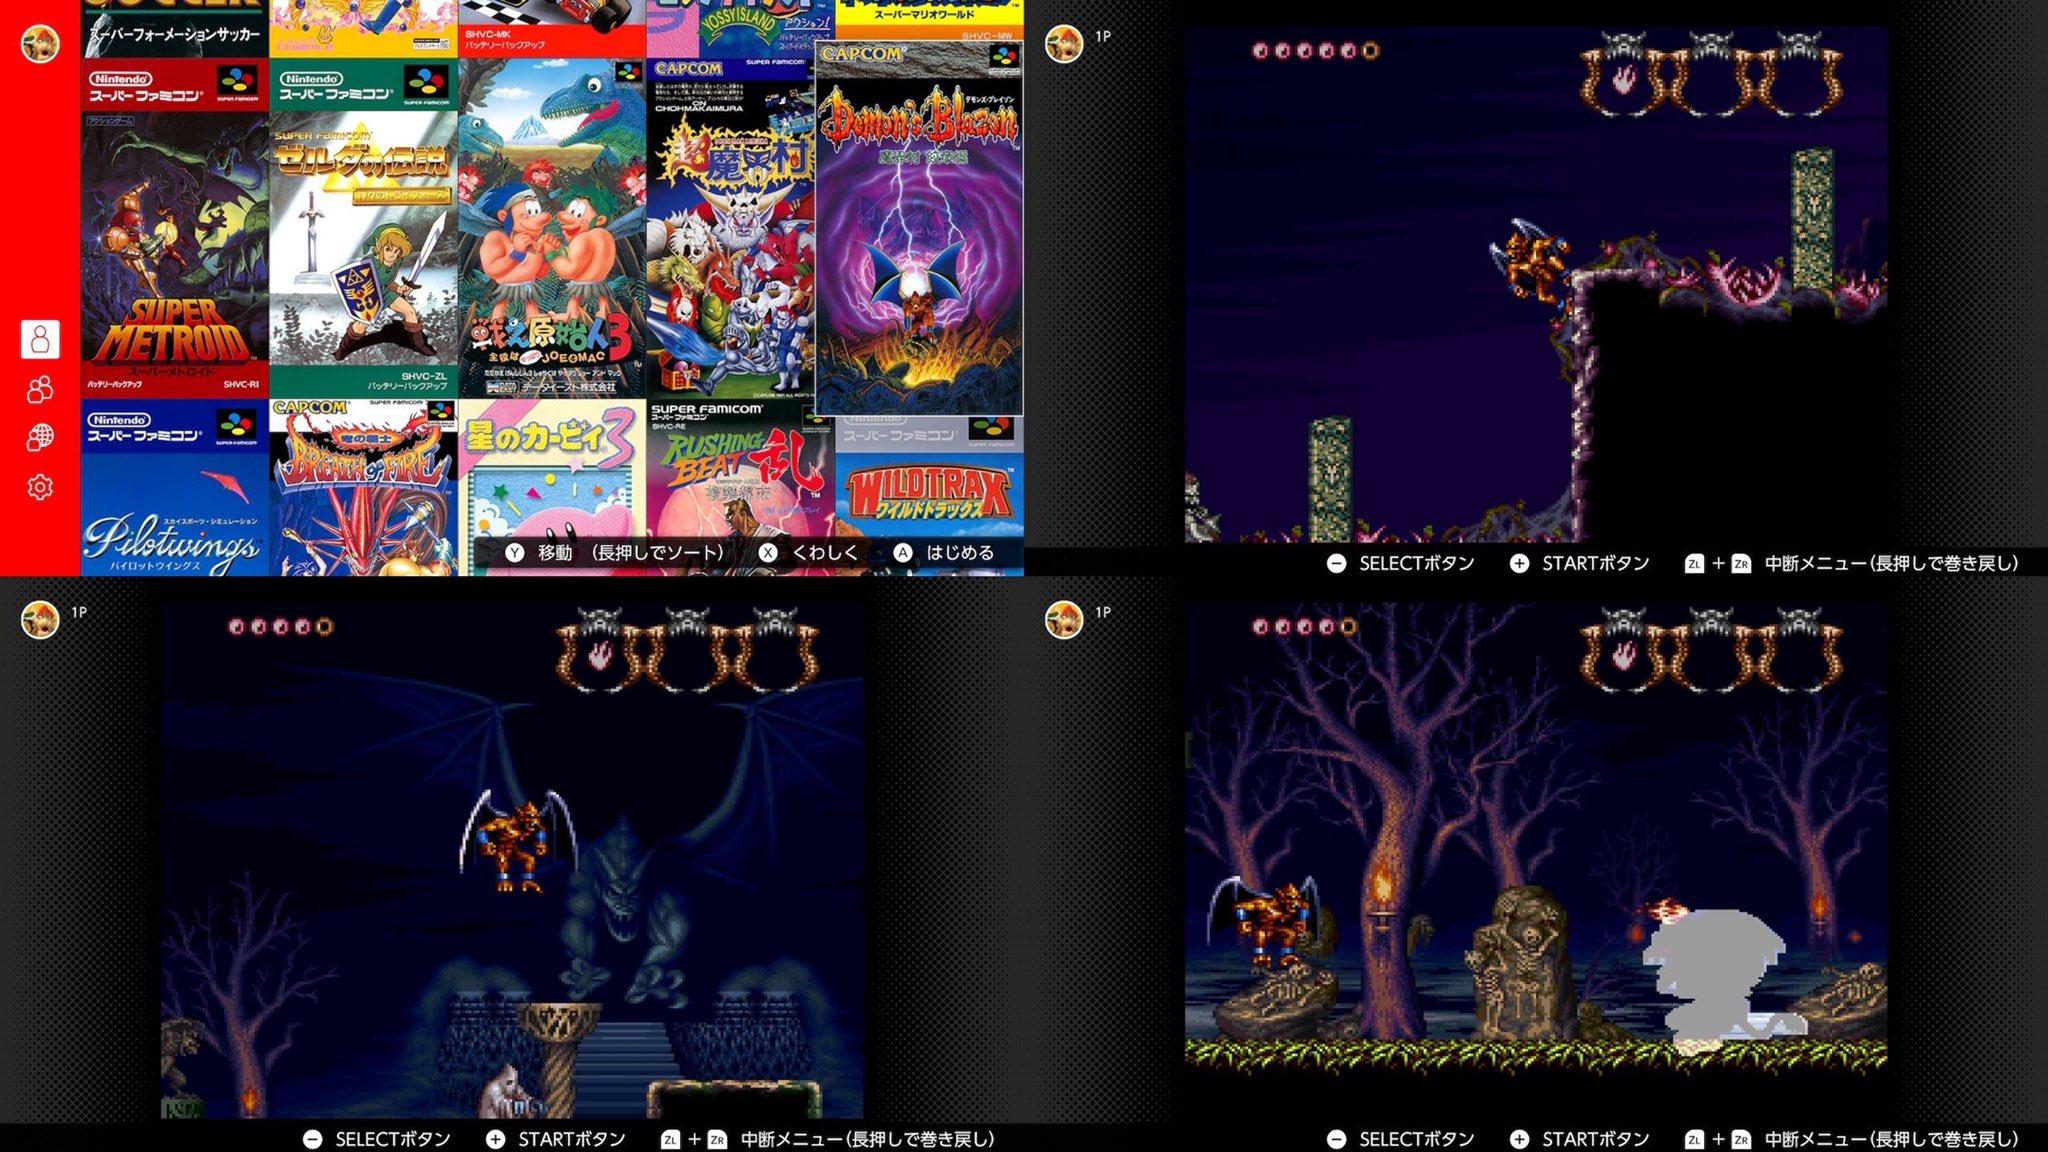 魔界村 紋章編。レッドアリーマが主役なのか。なかなか楽しい。空飛べるし。 #スーパーファミコン #NintendoSwitch https://t.co/xaYDFQcErC